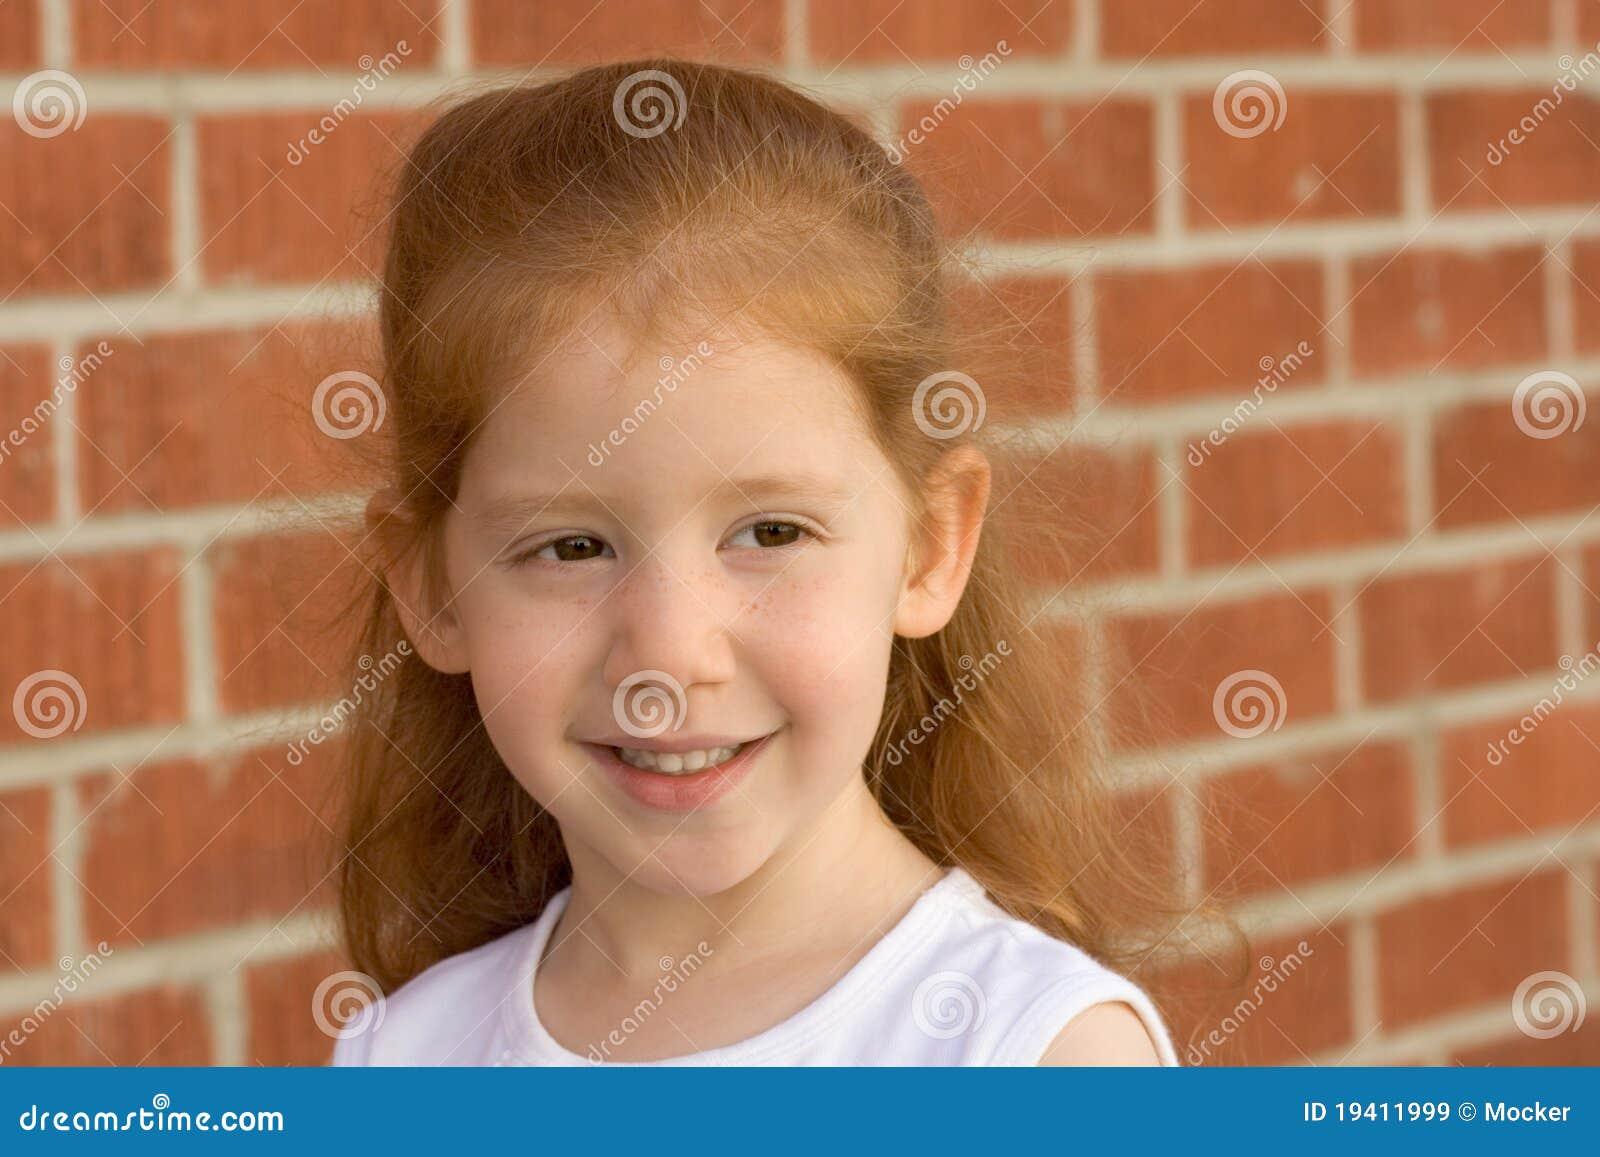 Portrait des jungen Redheadkindmädchens durch Backsteinmauer